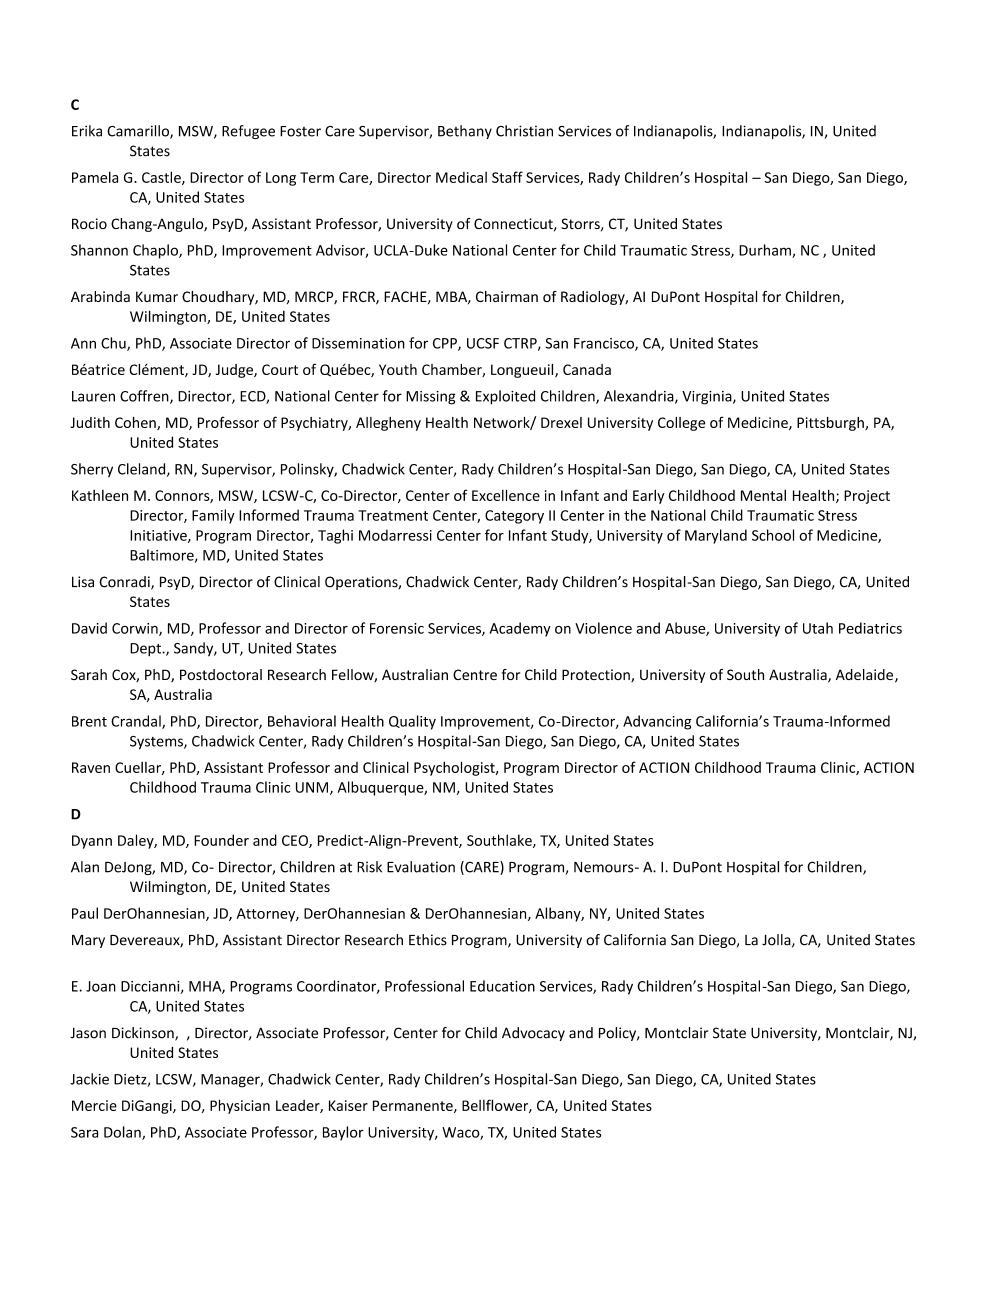 2_Faculty List - Alpha